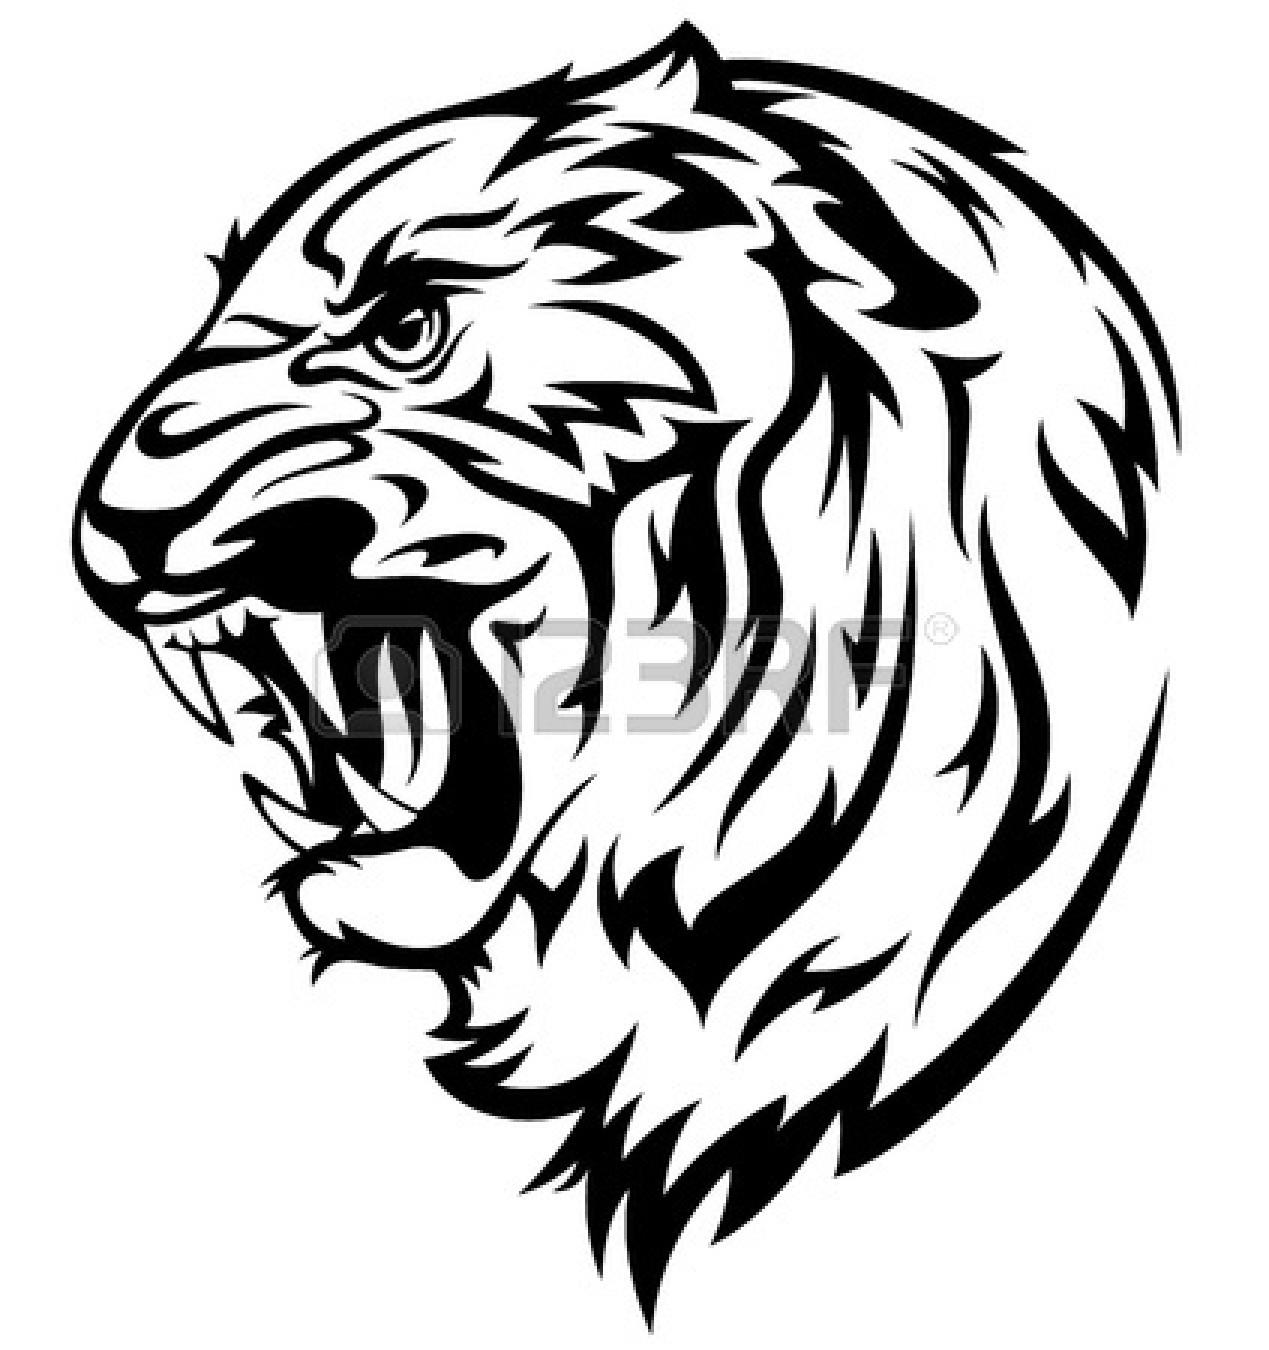 Tiger face clip art black.